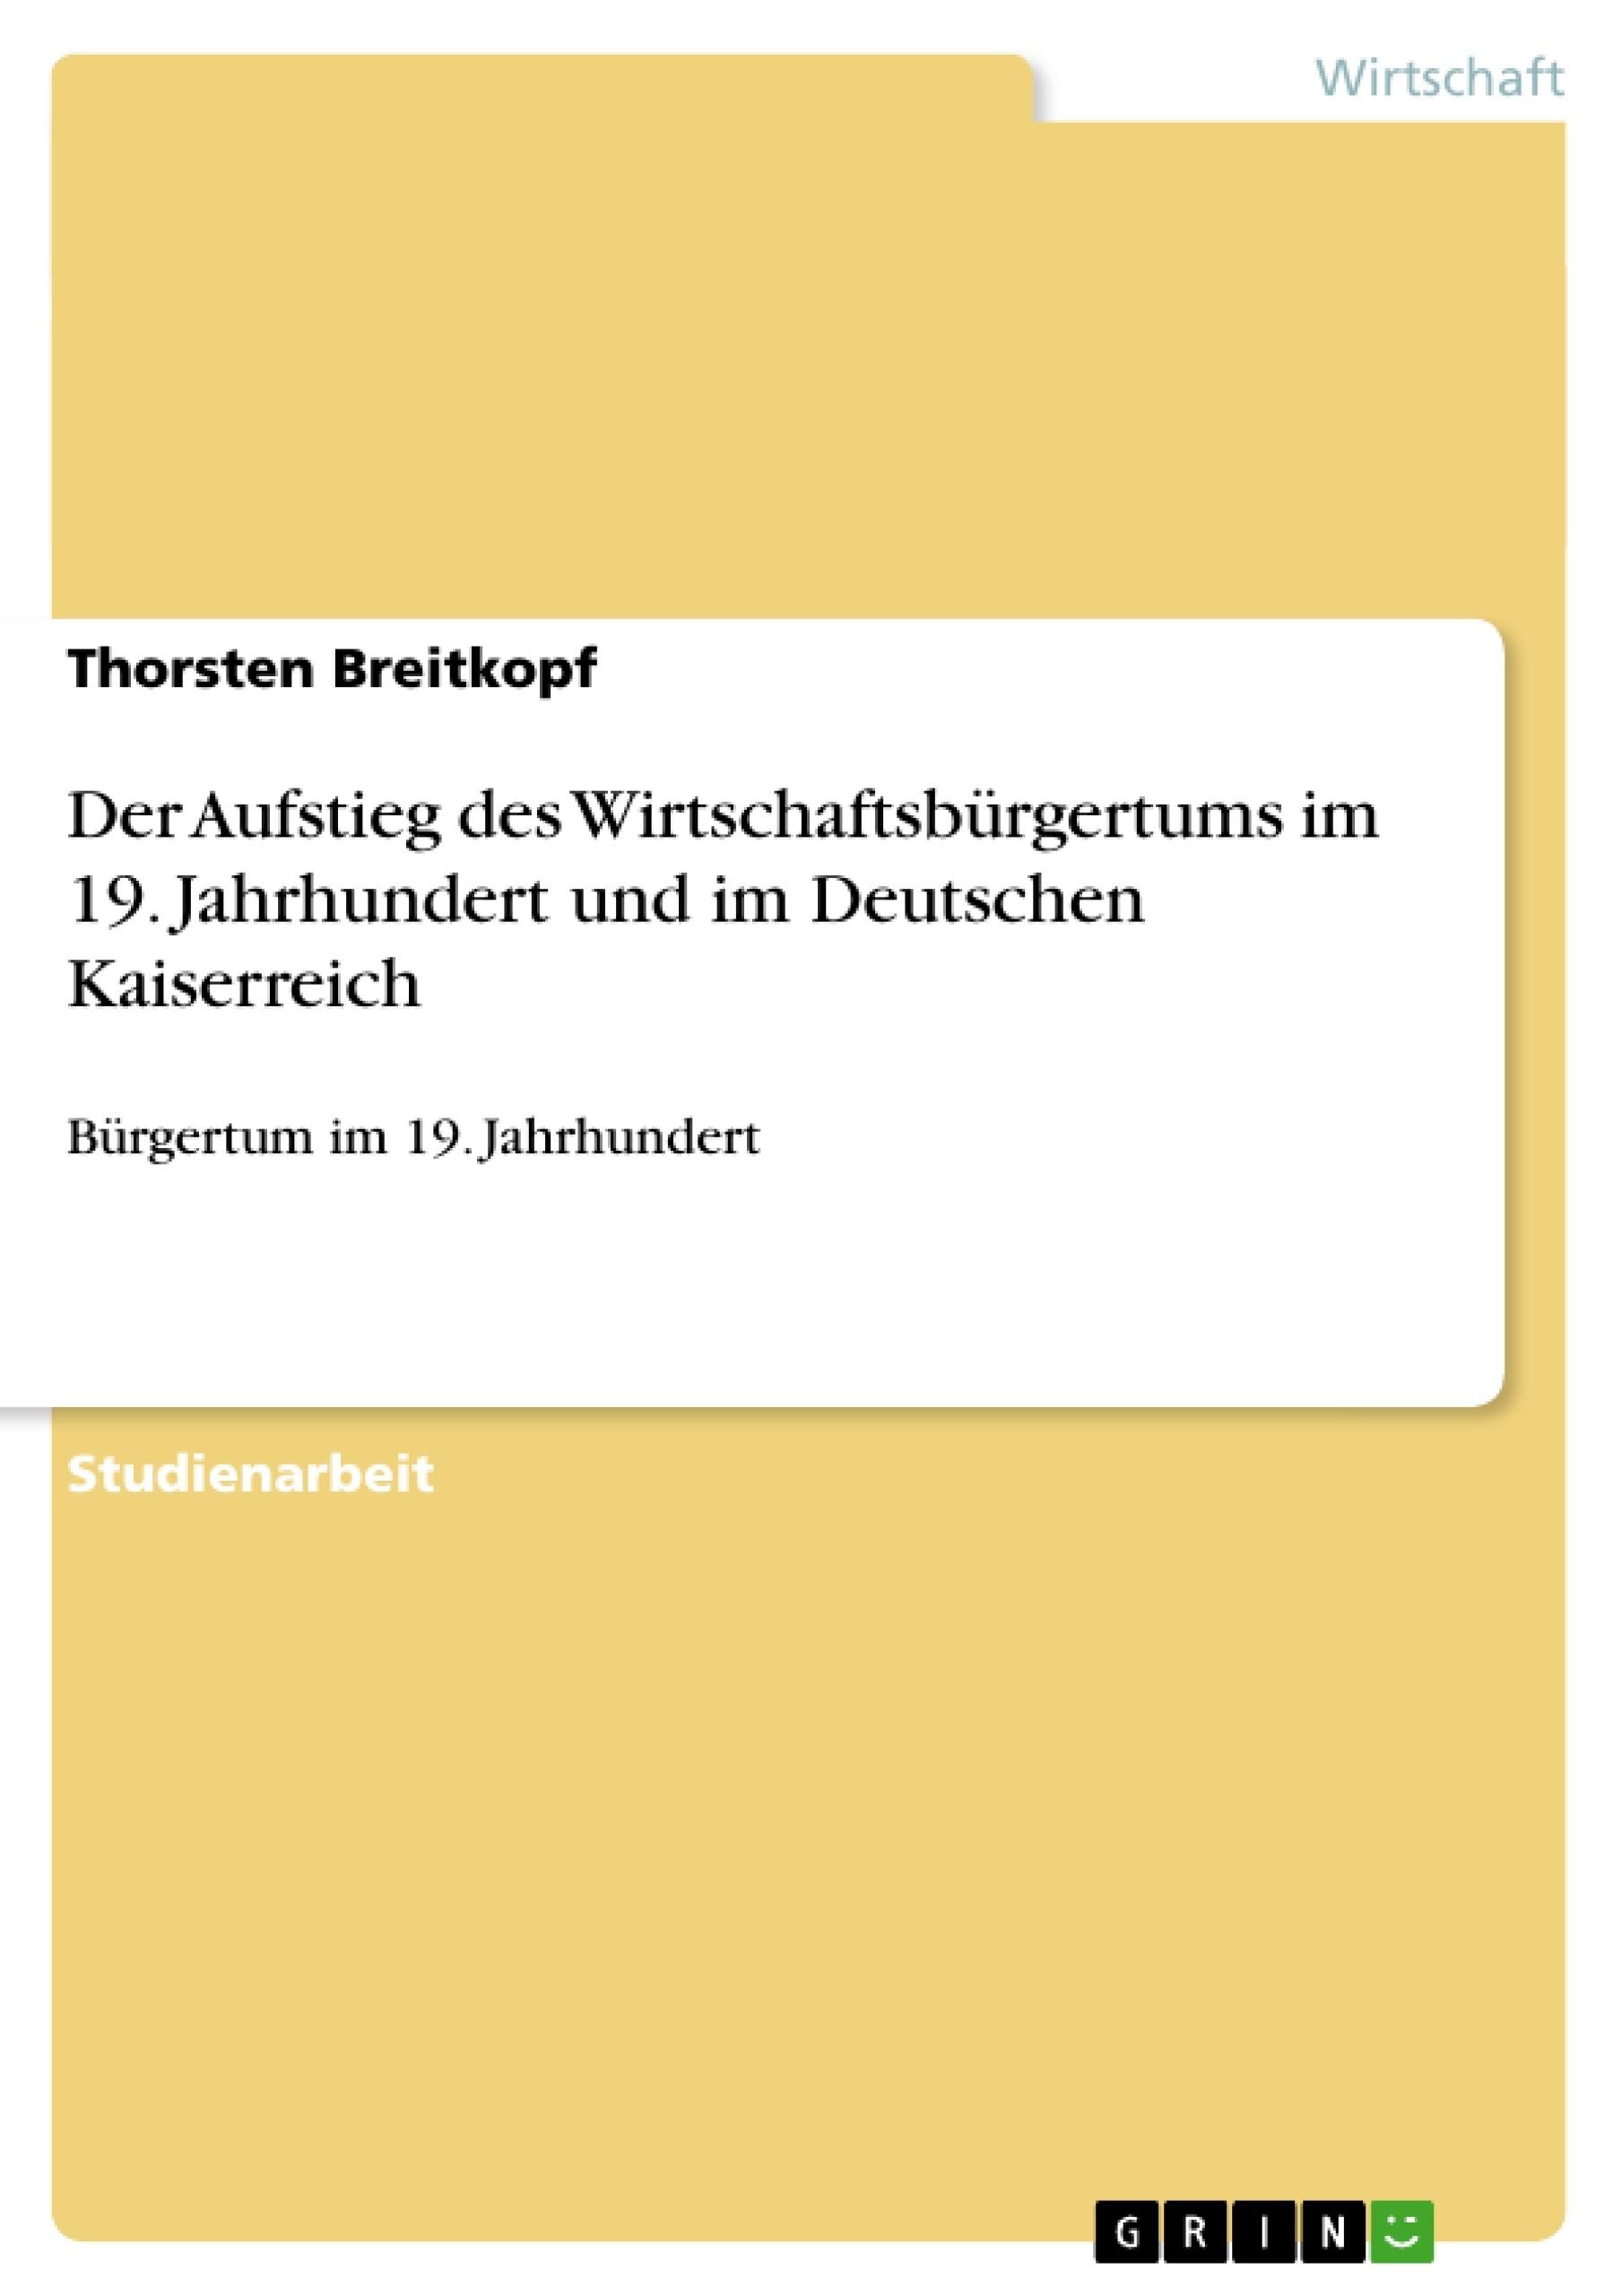 Titel: Der Aufstieg des Wirtschaftsbürgertums im 19. Jahrhundert und im Deutschen Kaiserreich